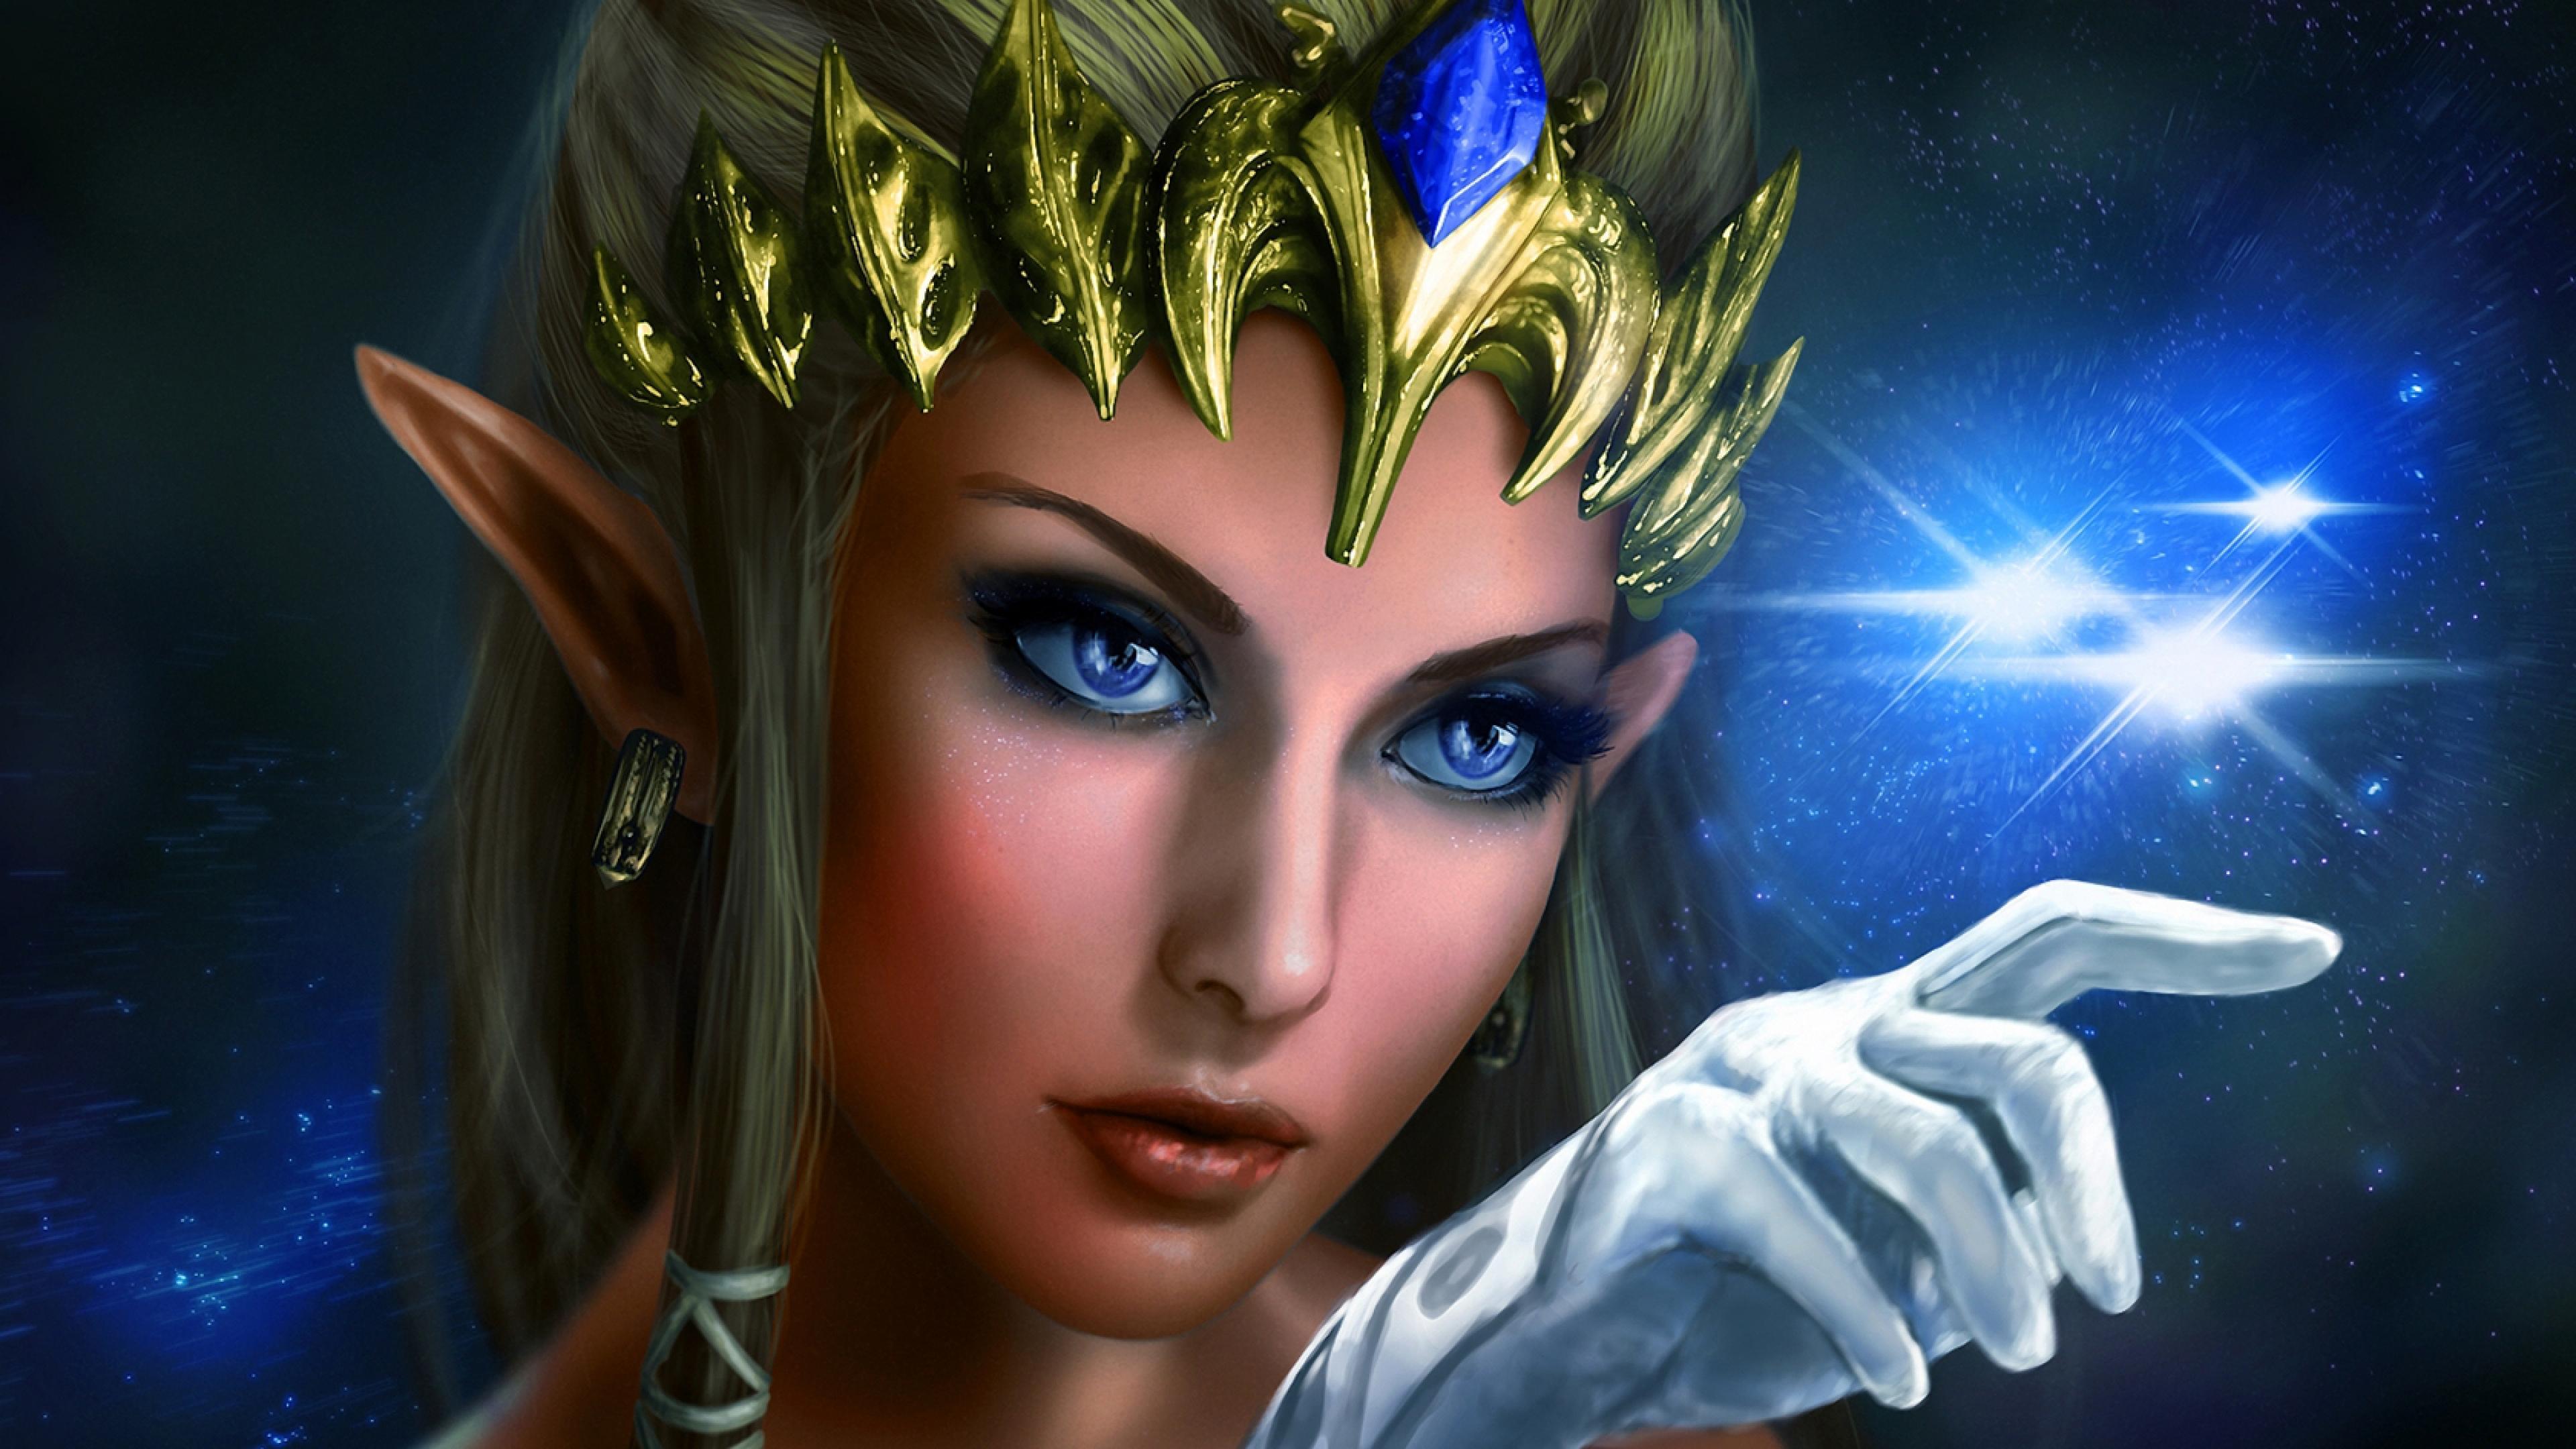 Download Stock Photos of beautiful makeup girl face art images